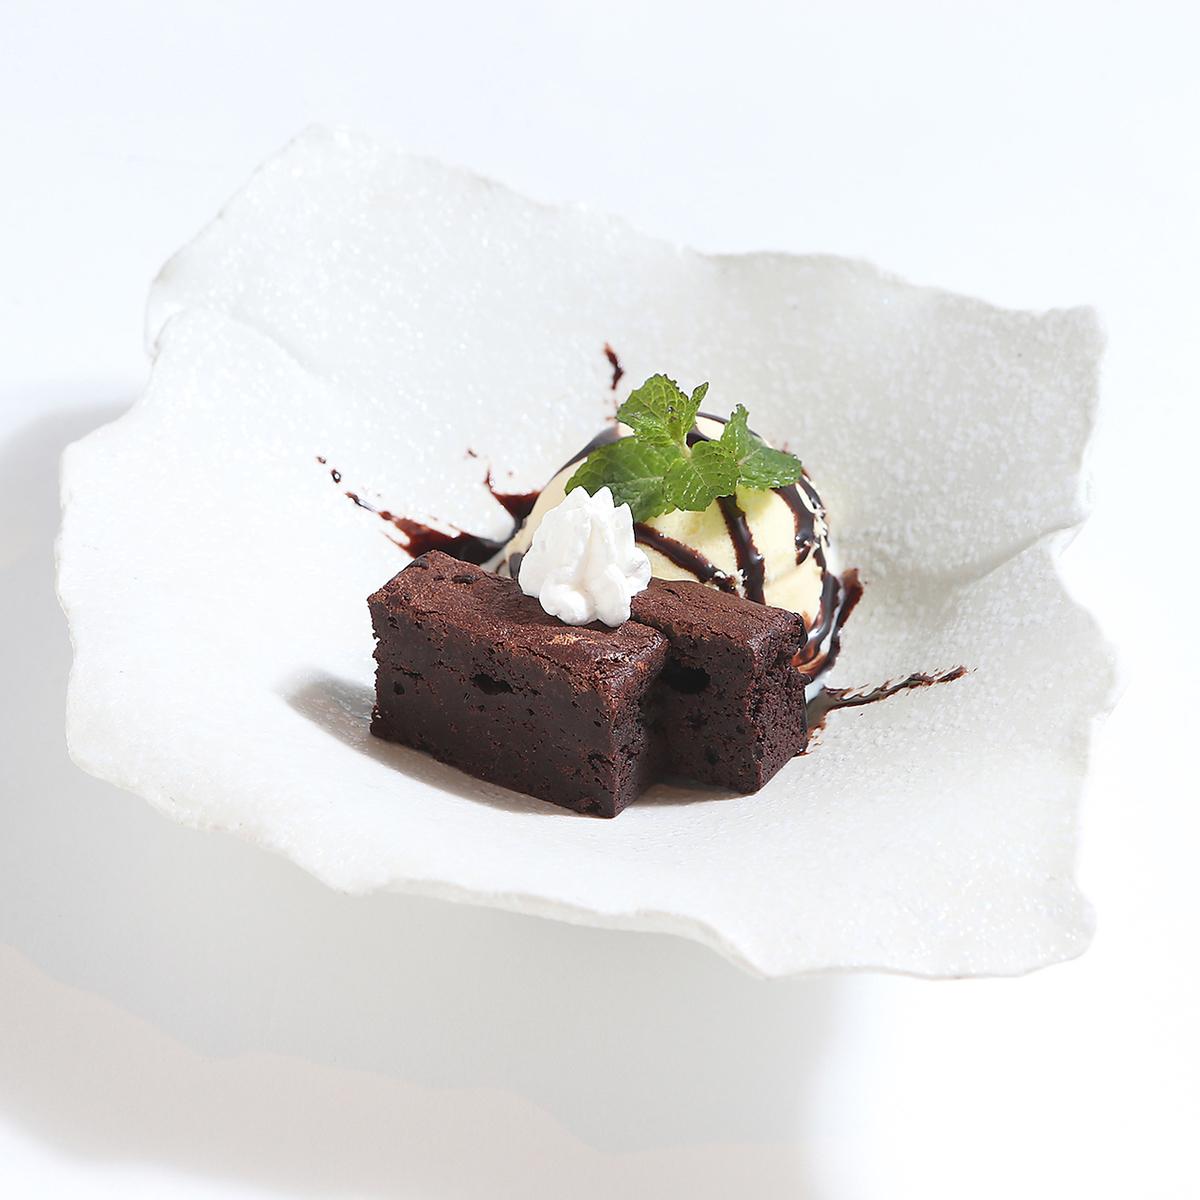 特制的巧克力与香草冰